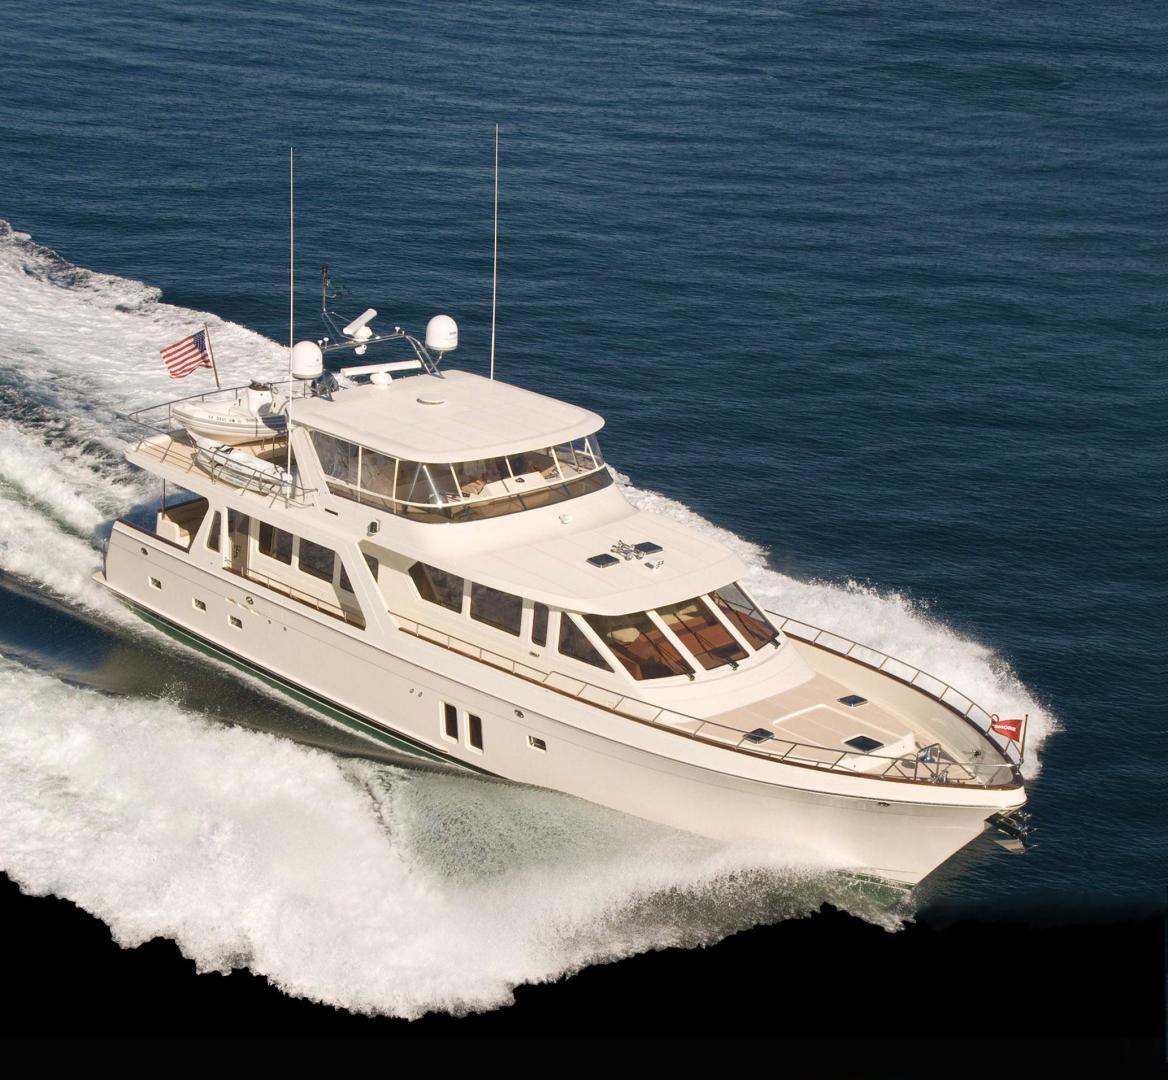 Offshore Yachts-76/80 Motoryacht 2020 -Florida-United States-1105484 | Thumbnail